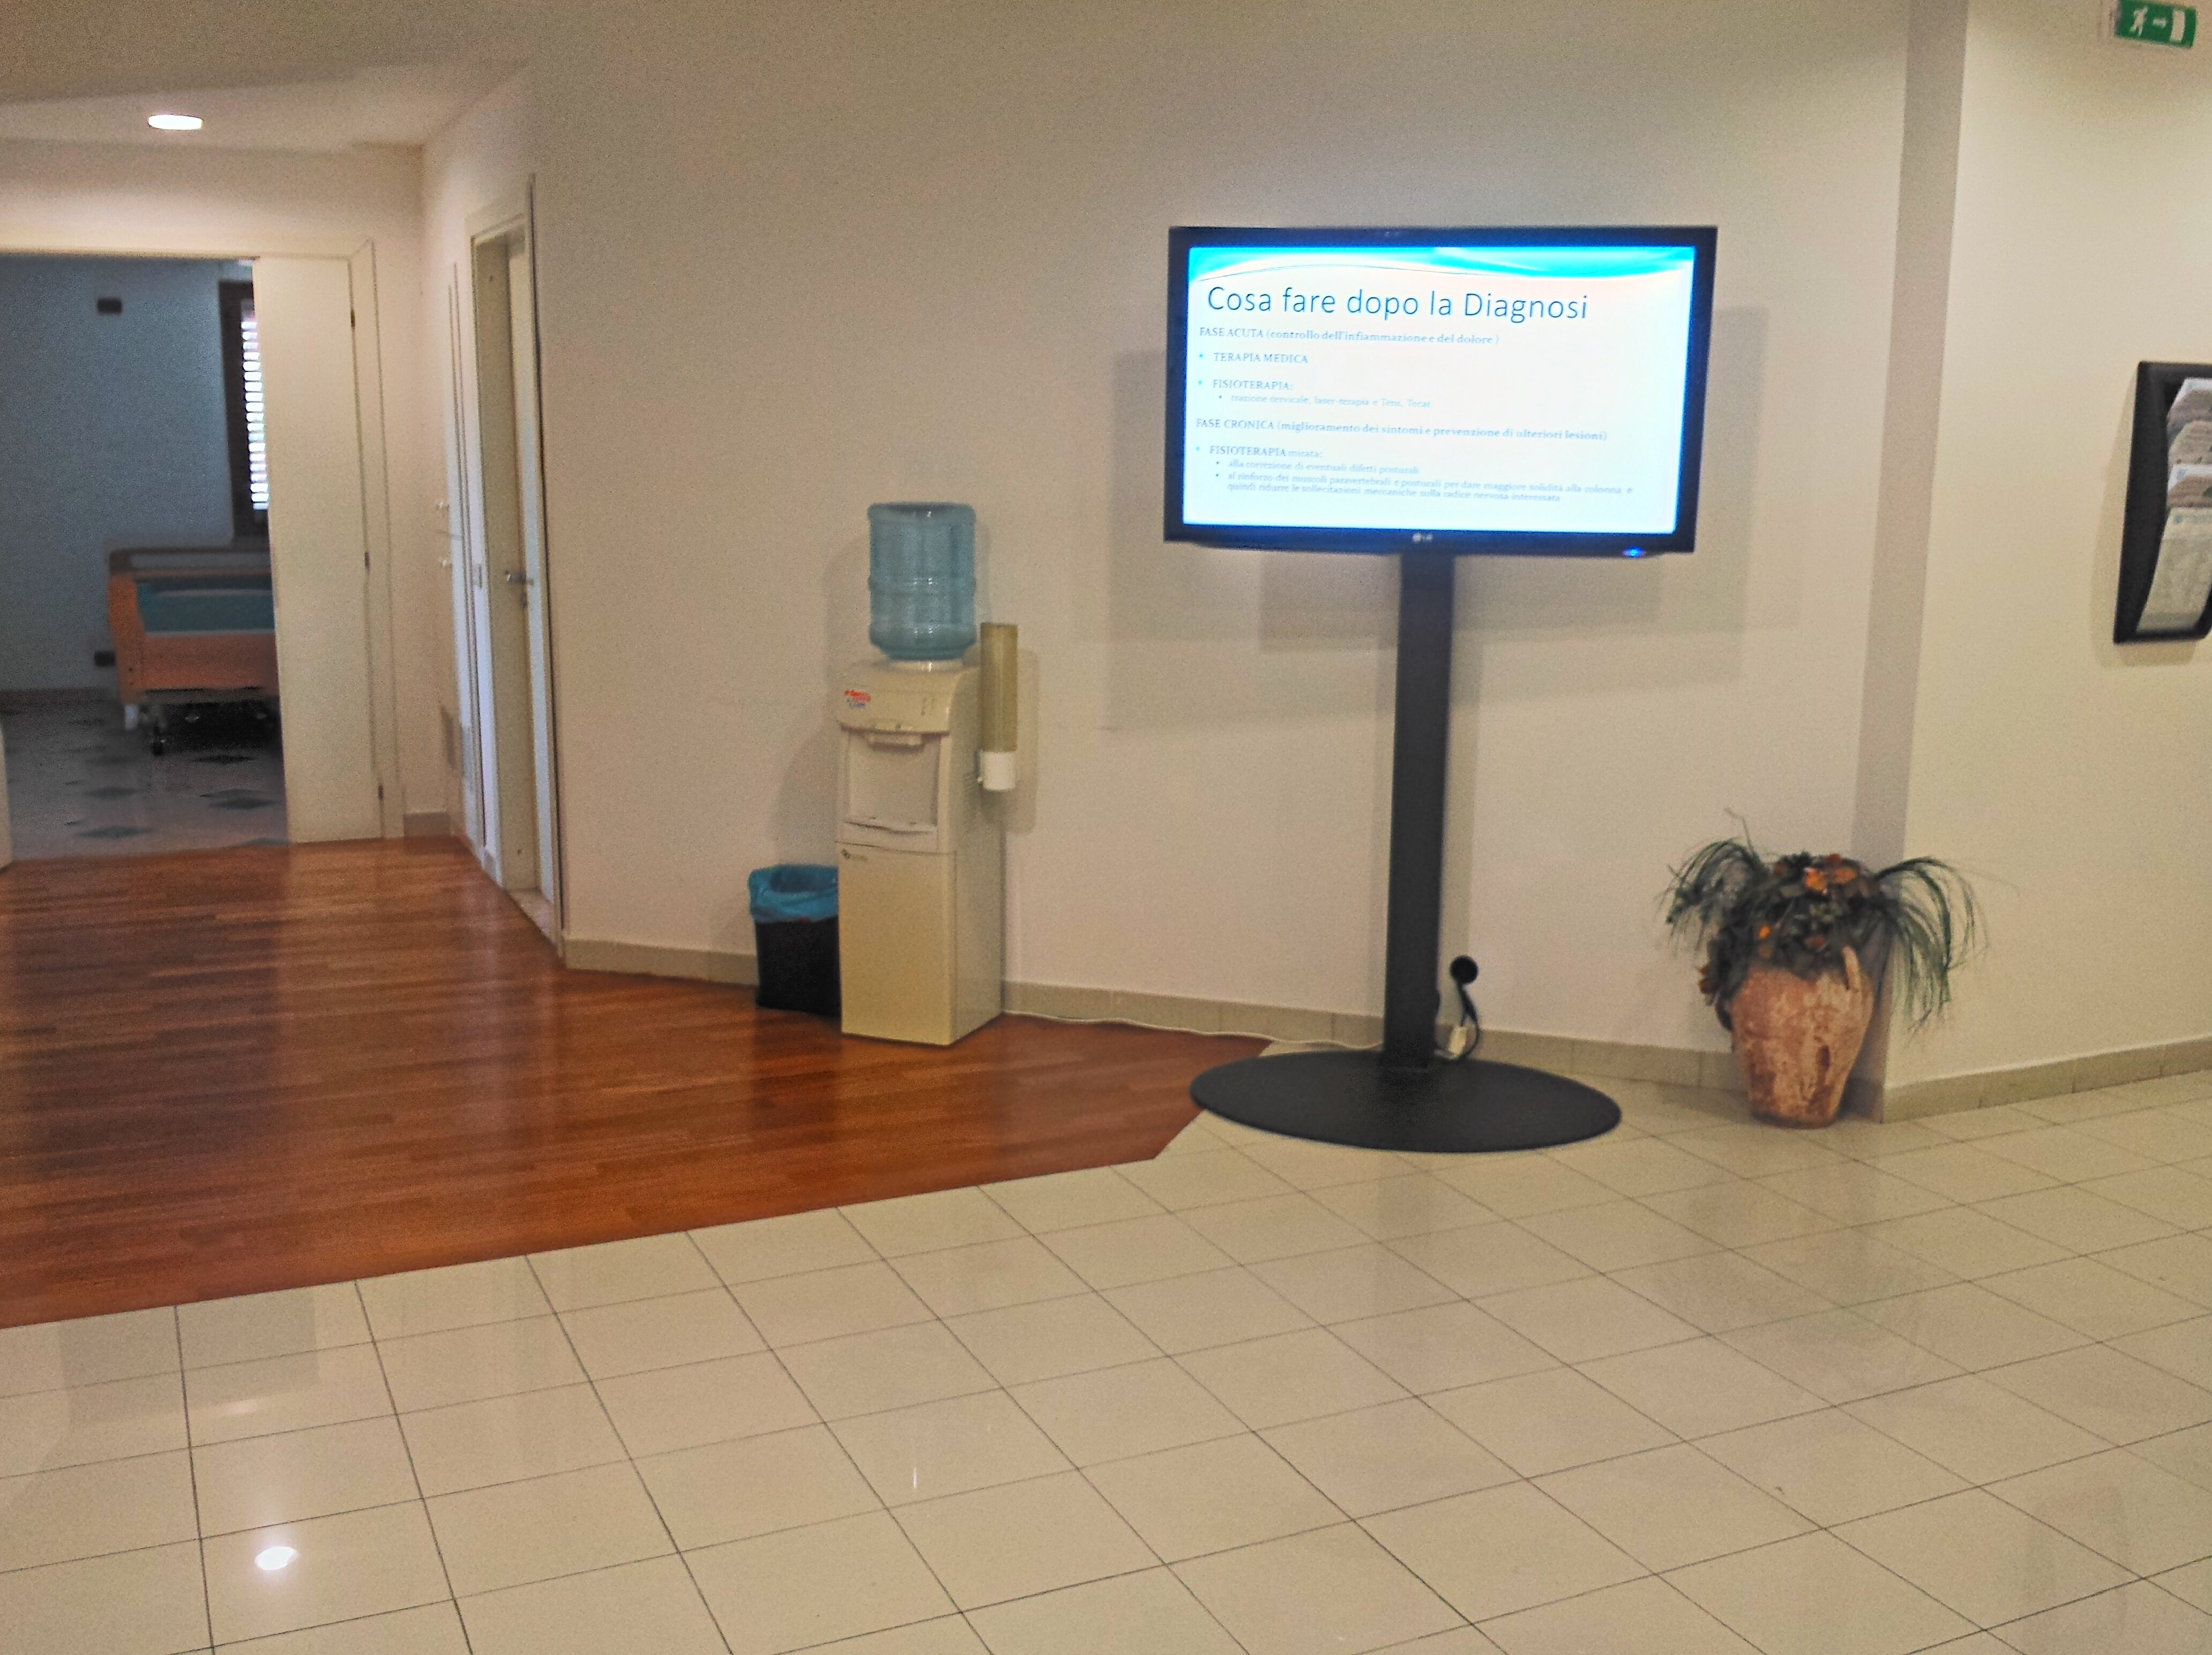 Sala con schermo televisivo